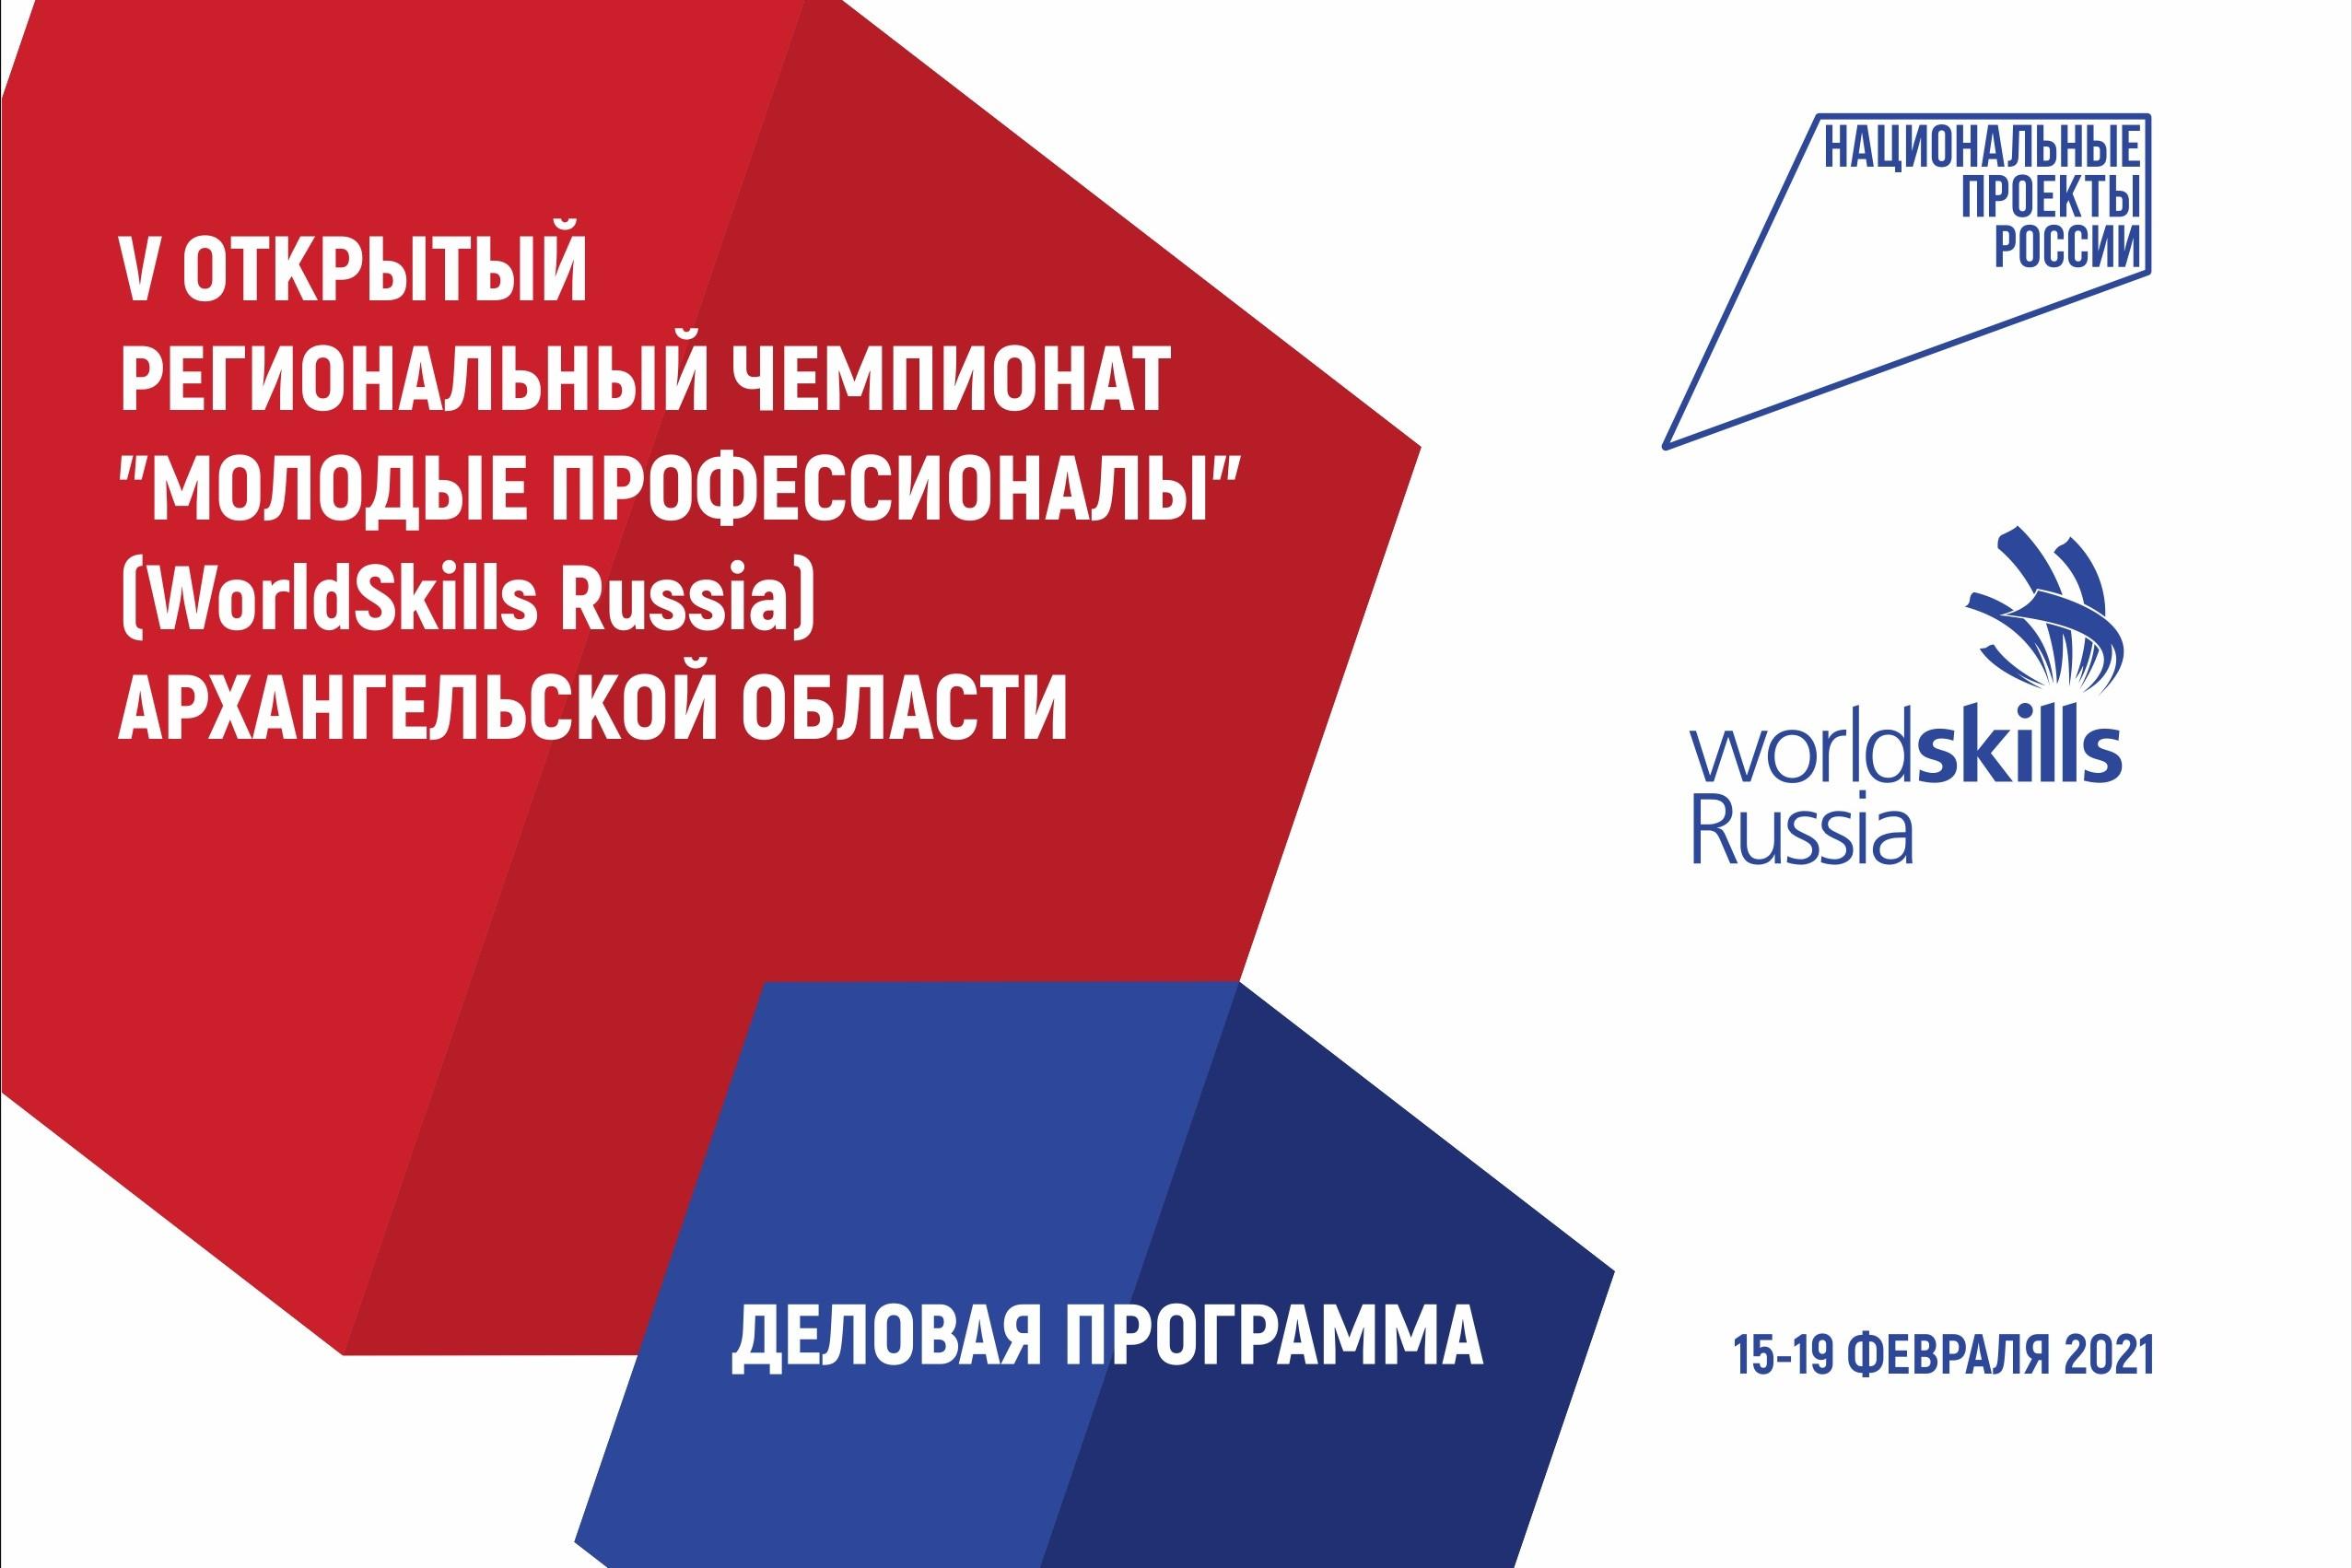 В Архангельской области стартуют два чемпионата, популяризирующие рабочие профессии